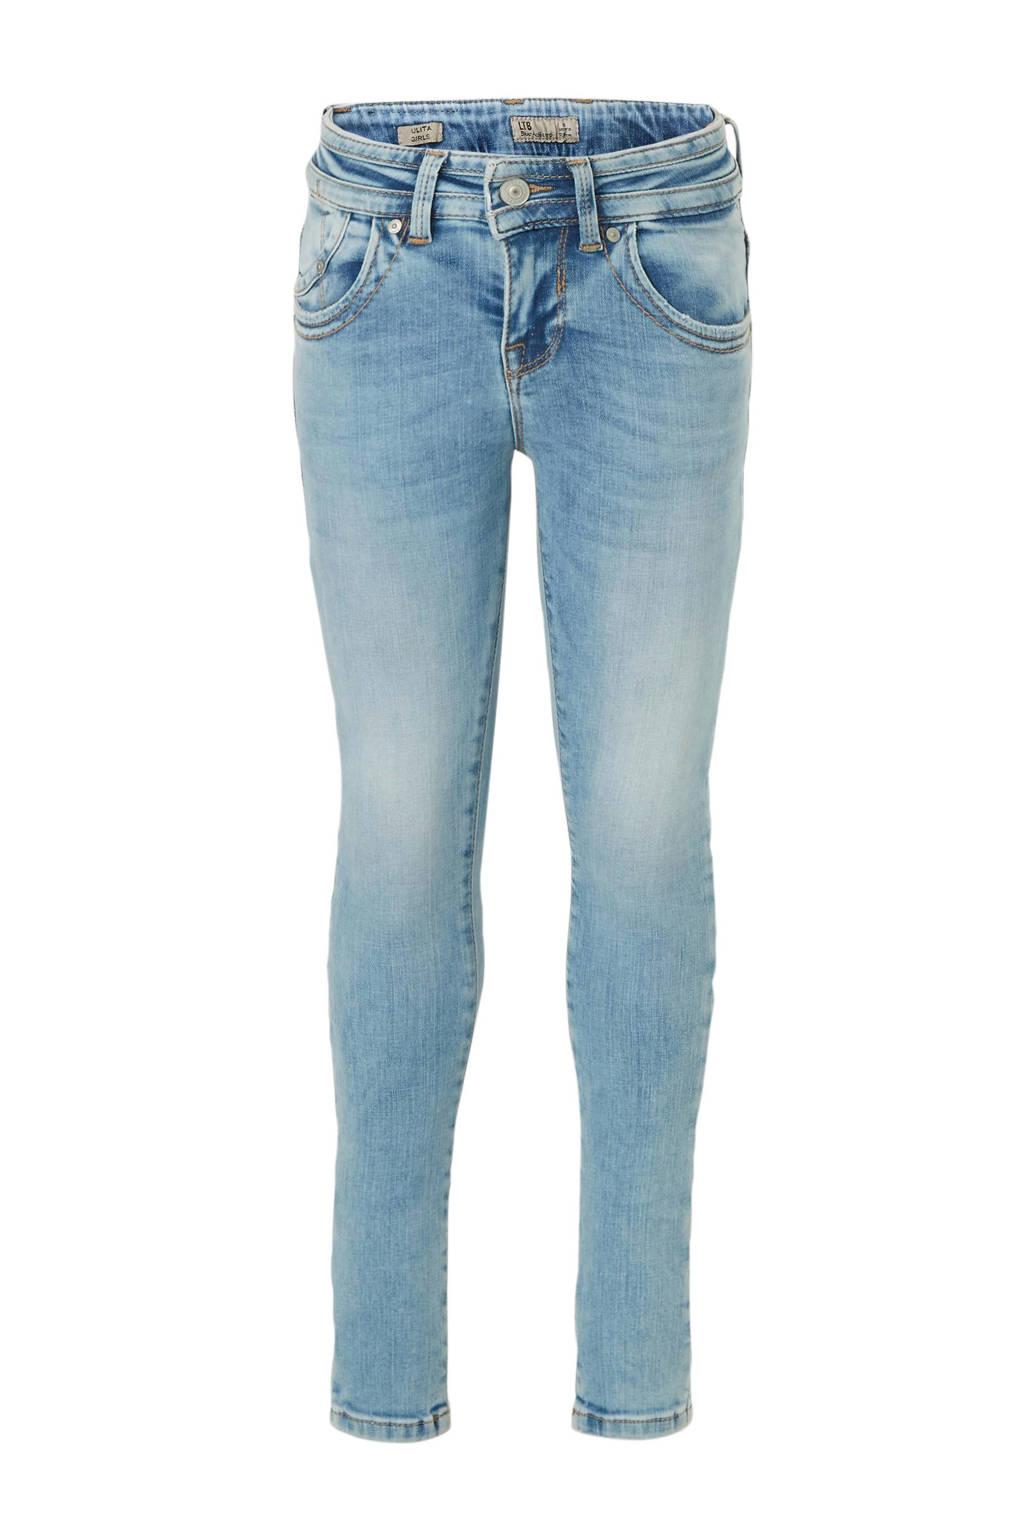 LTB super skinny jeans Julita pinnow wash, Pinnow wash